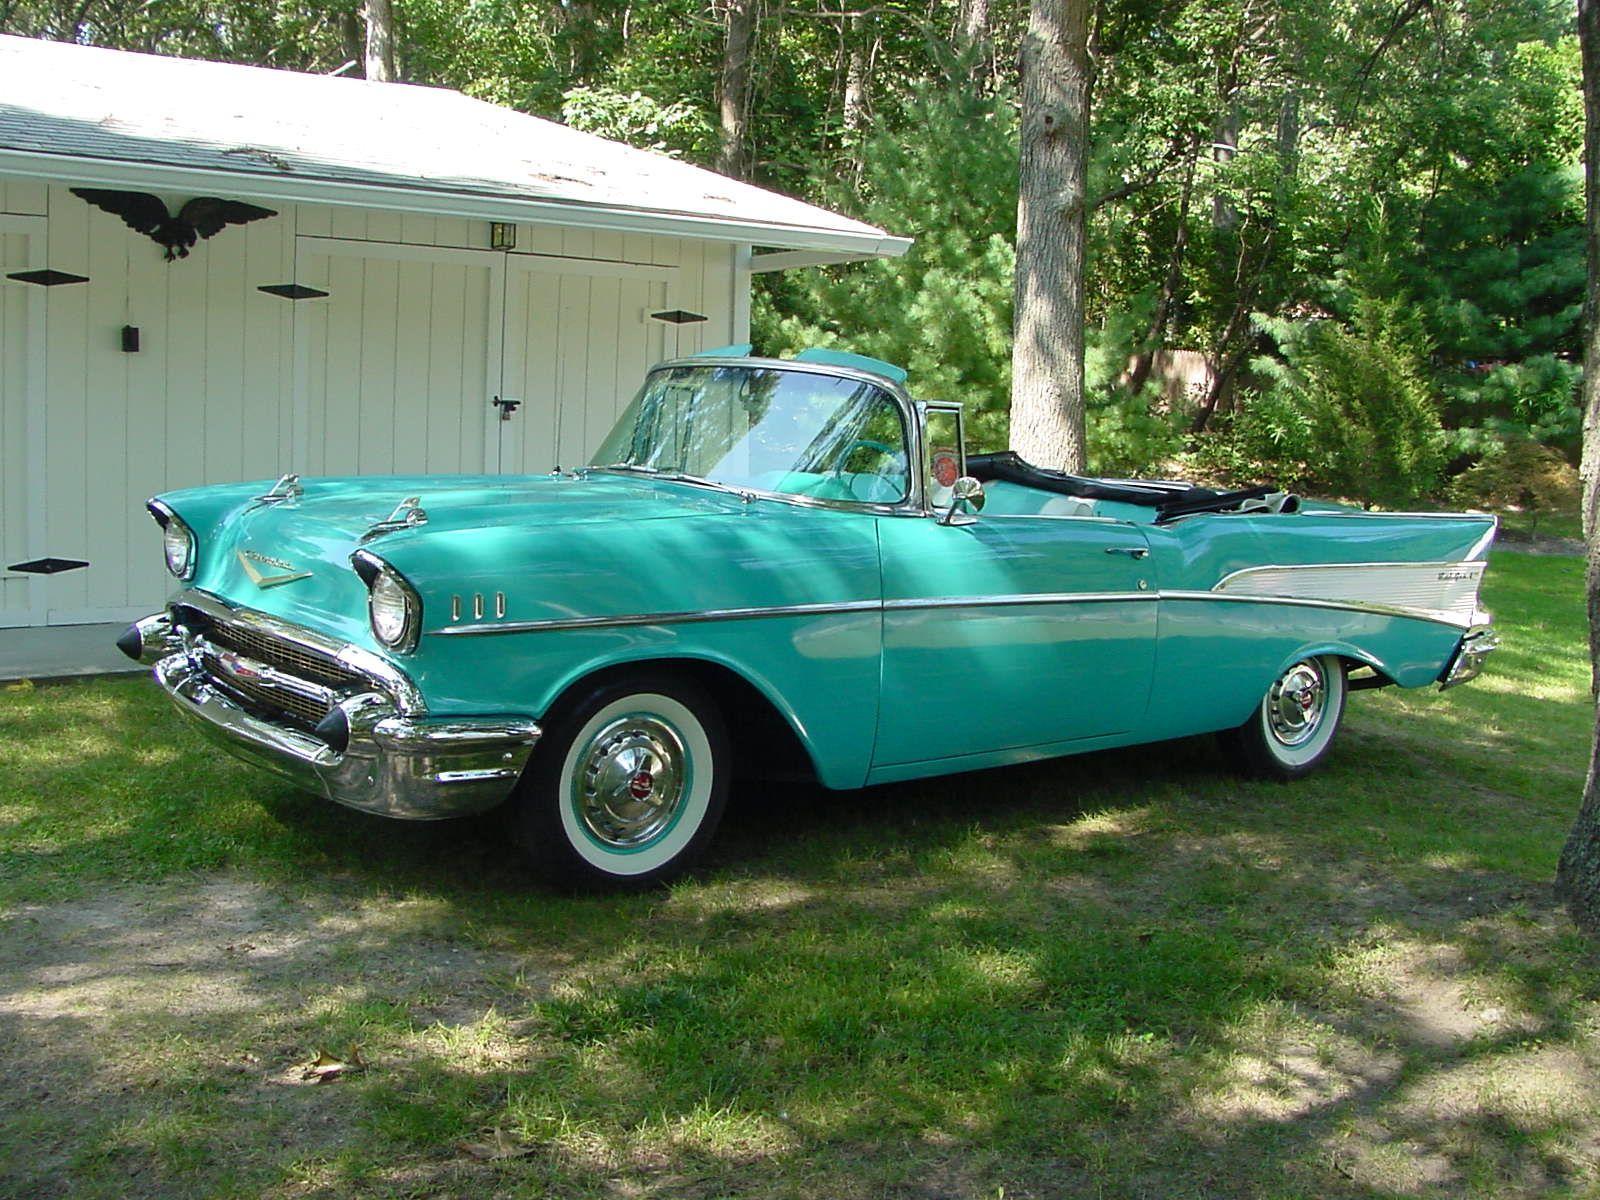 1957 Chevy Bel Air Chevrolet 2 Door Convertible Hardtop